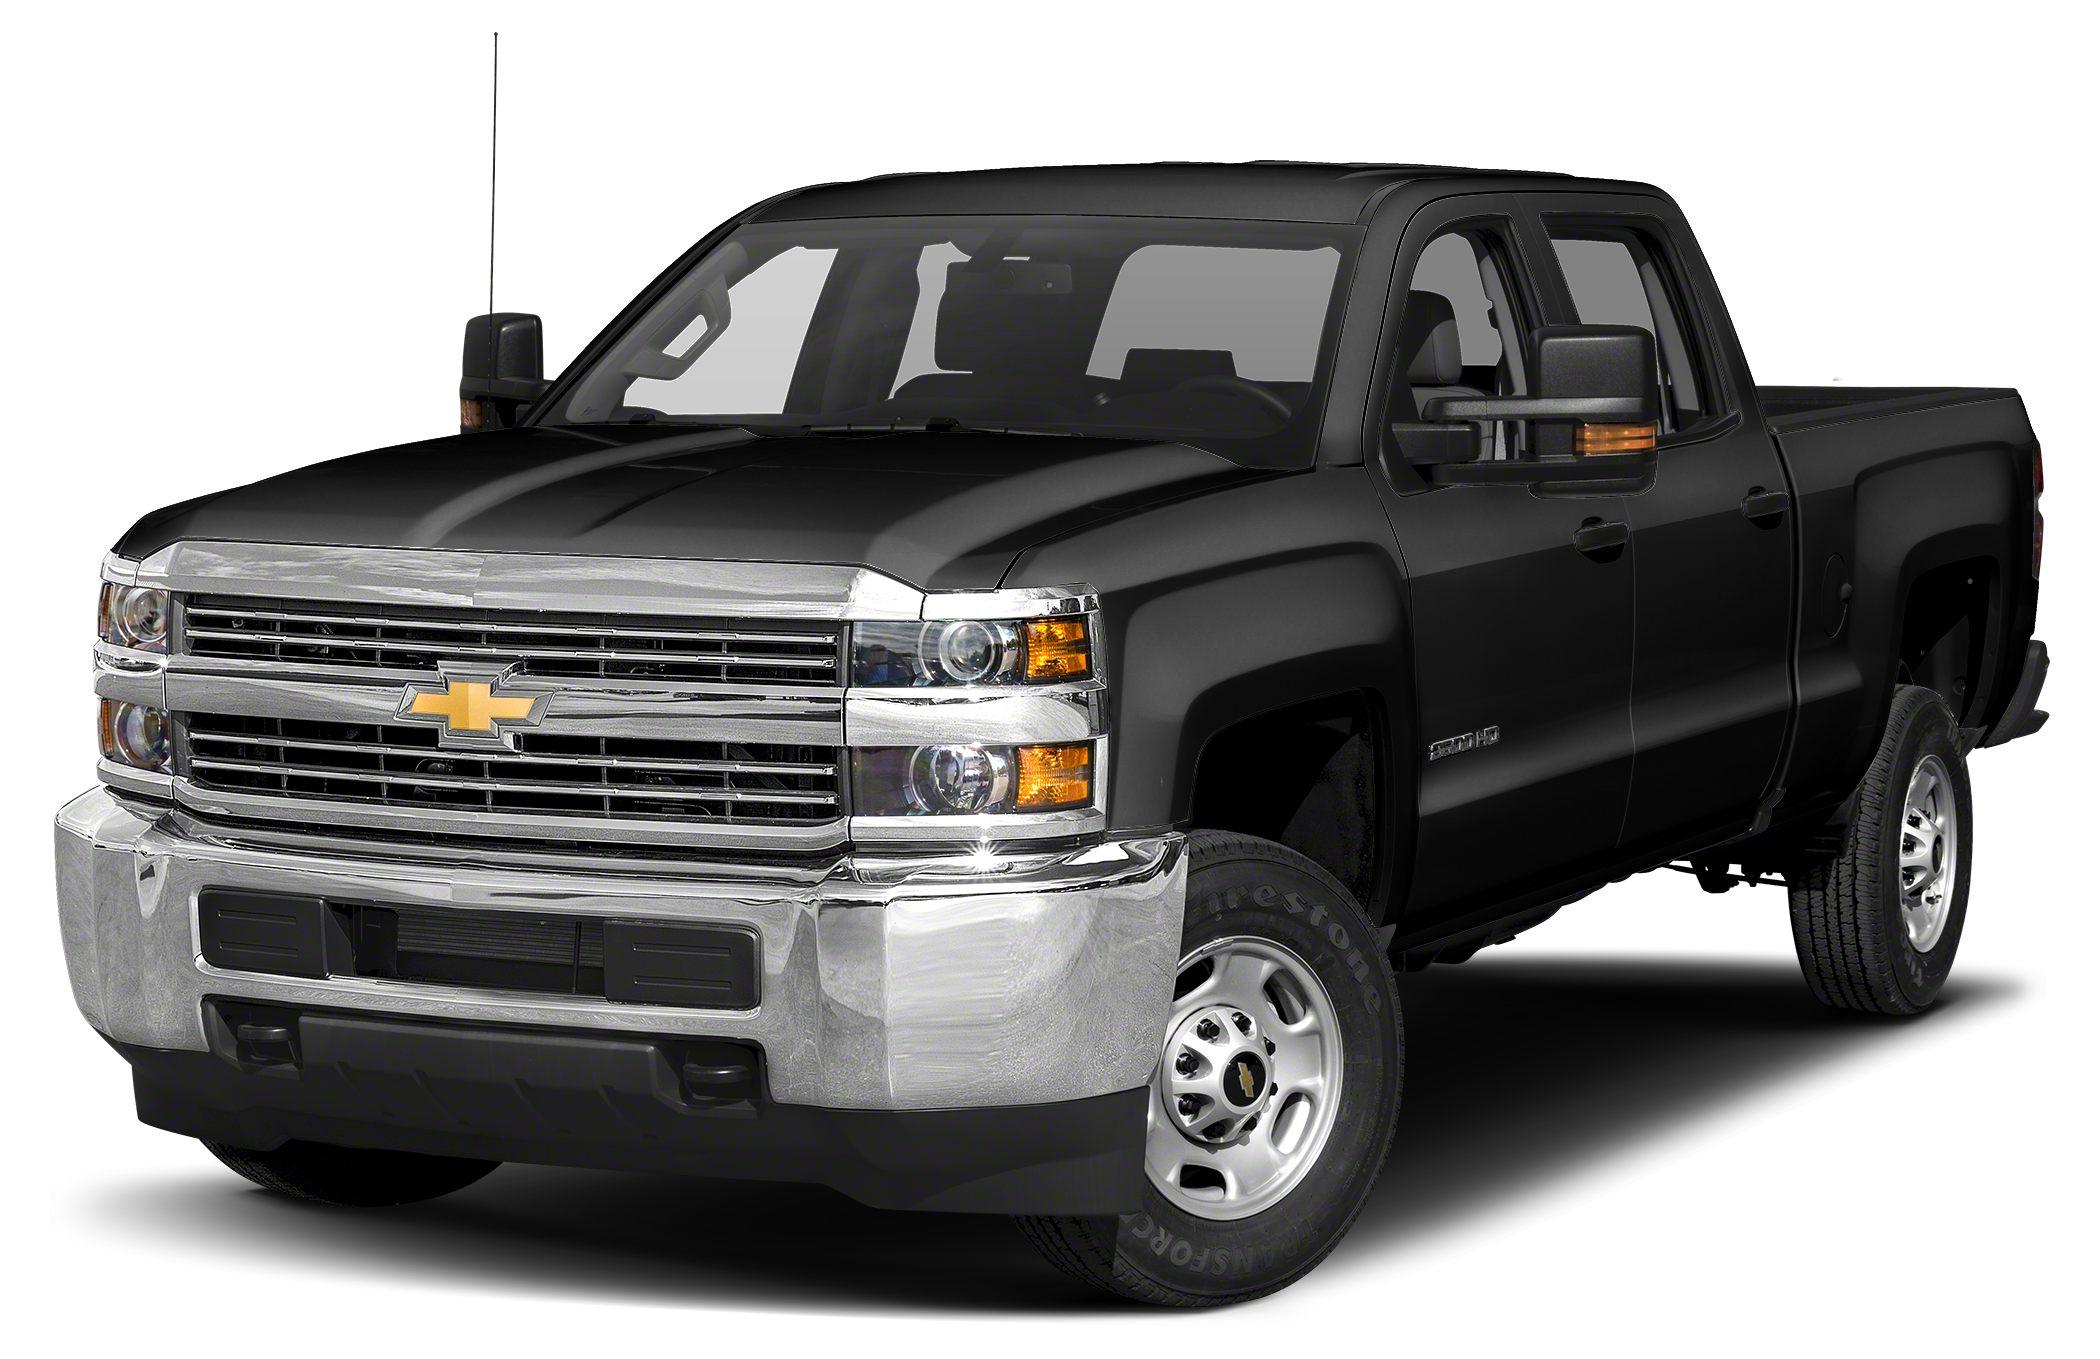 2018 Chevrolet Silverado 2500HD WT Black 2018 Chevrolet Silverado 2500HD Work Truck 4WD 6-Speed Au